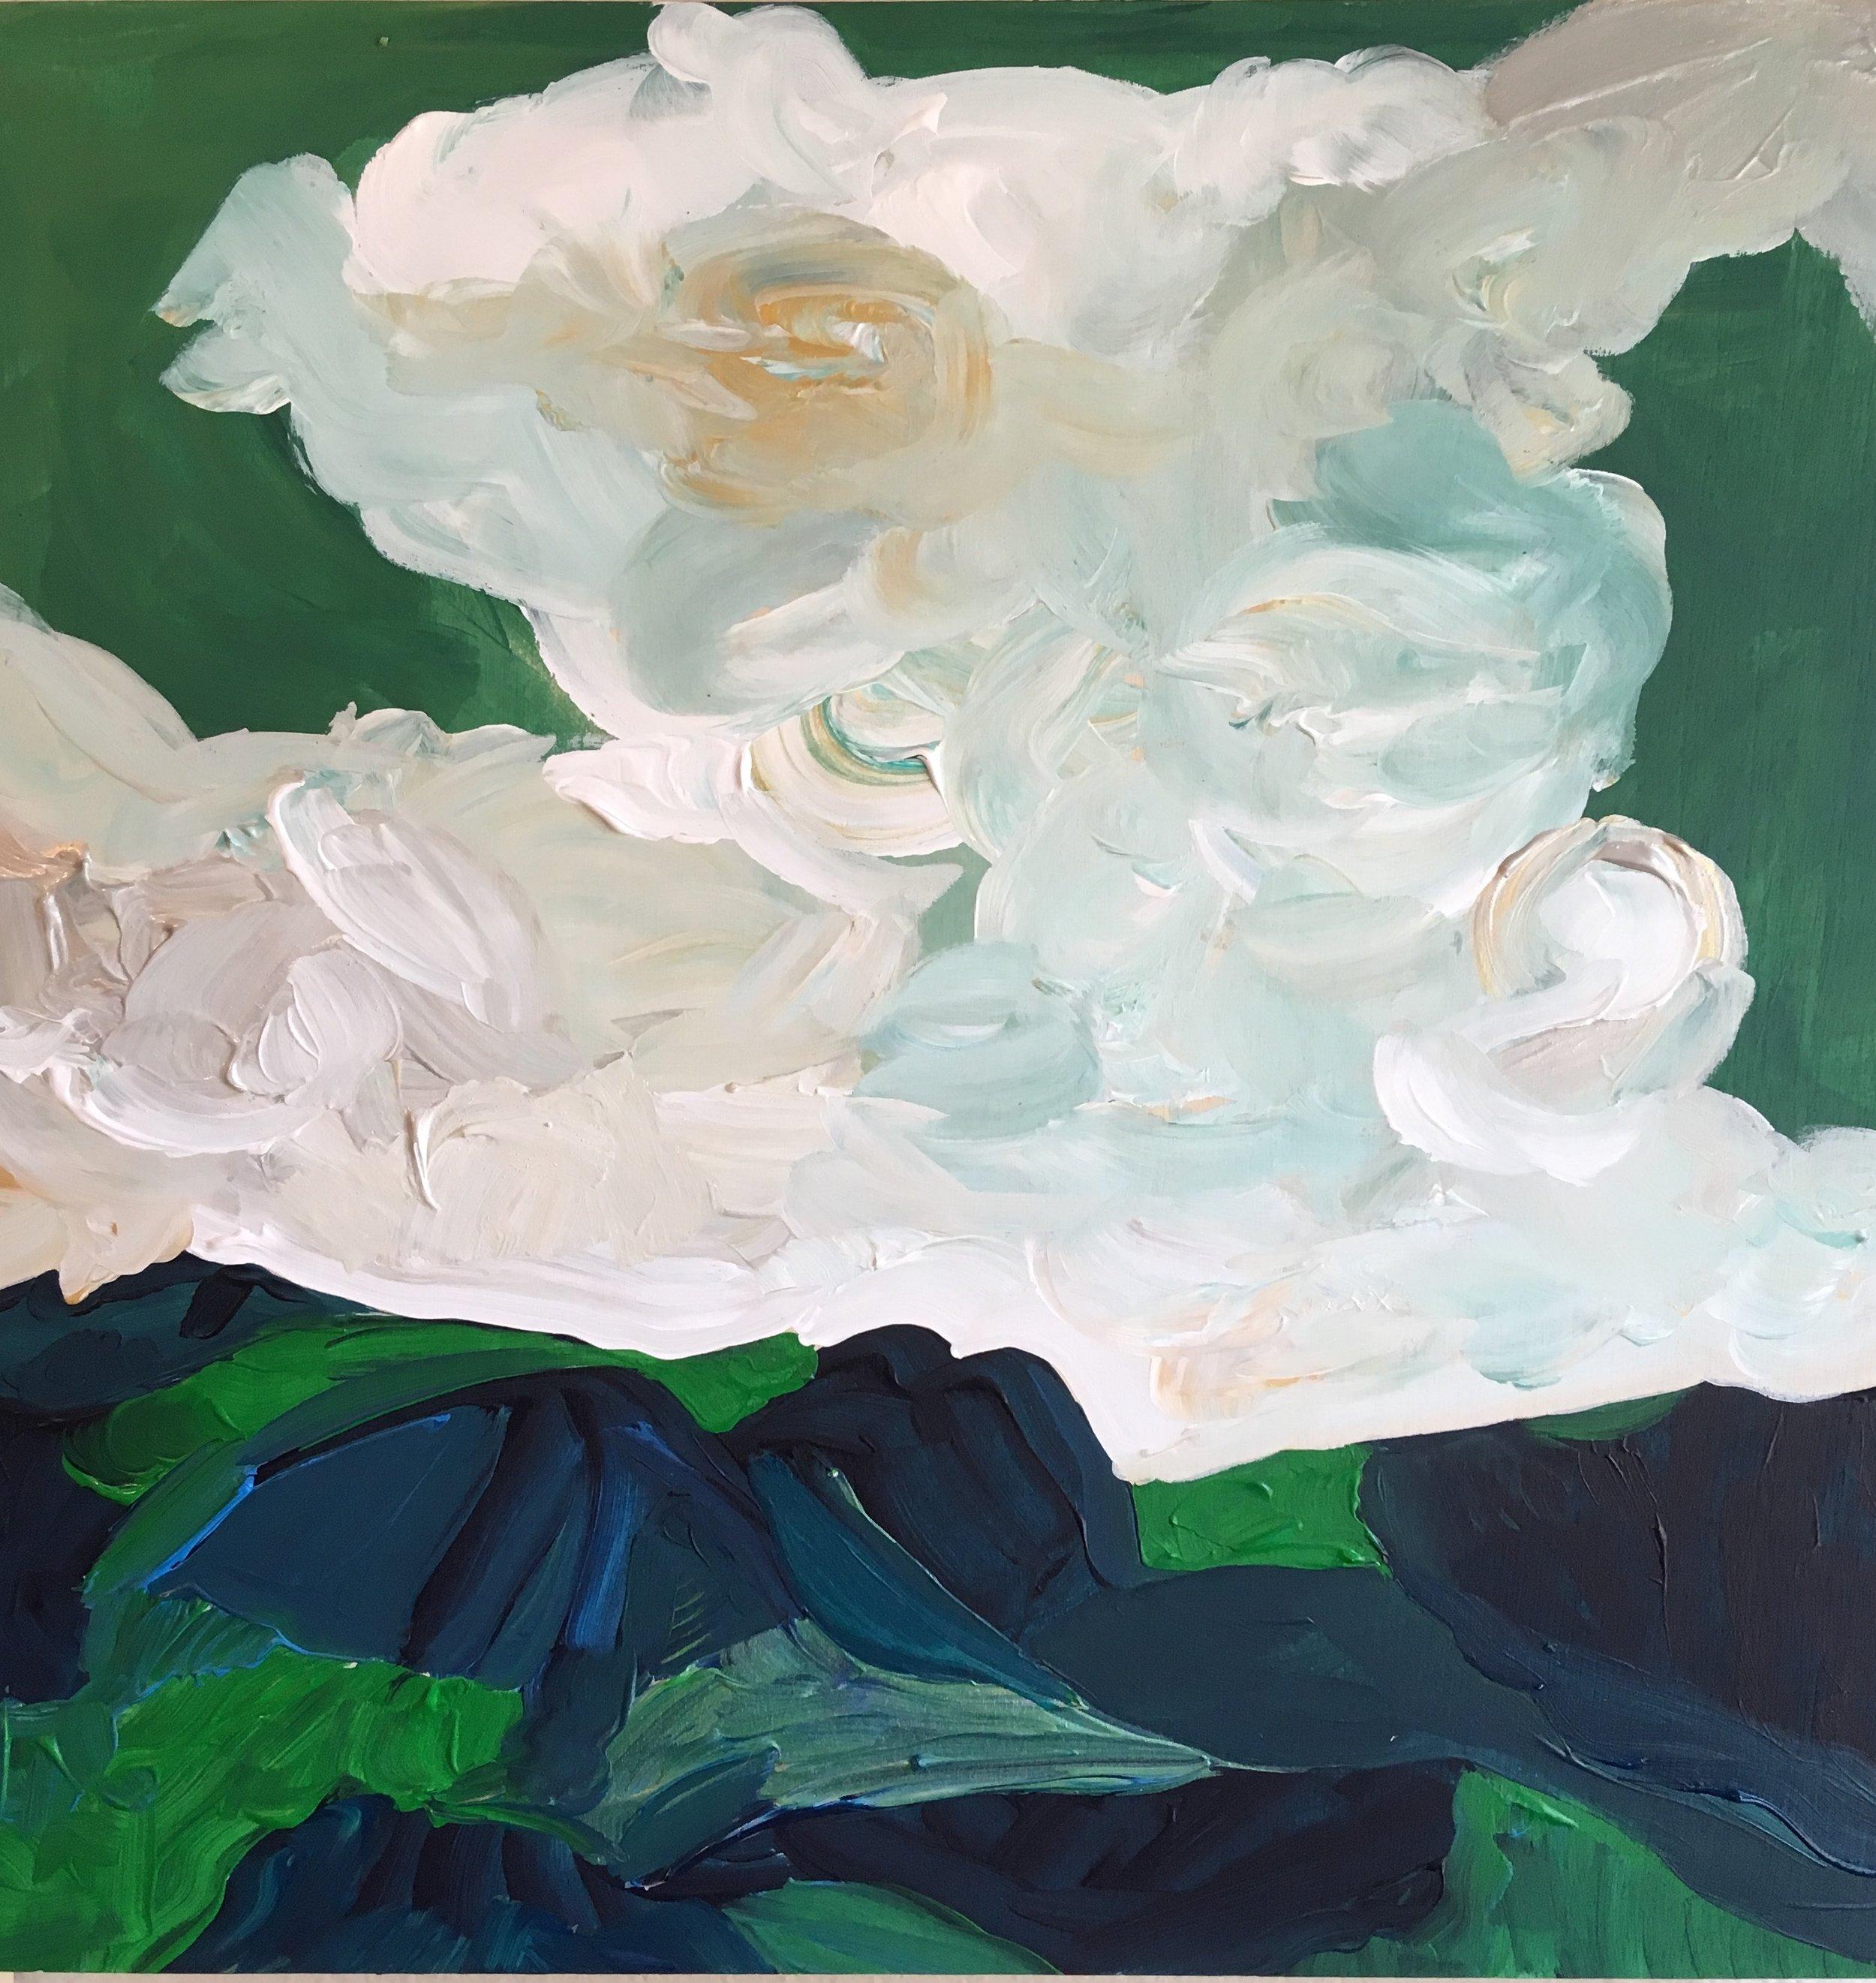 Rendering of Ansel Adams: Clouds, Sierra Nevada, California